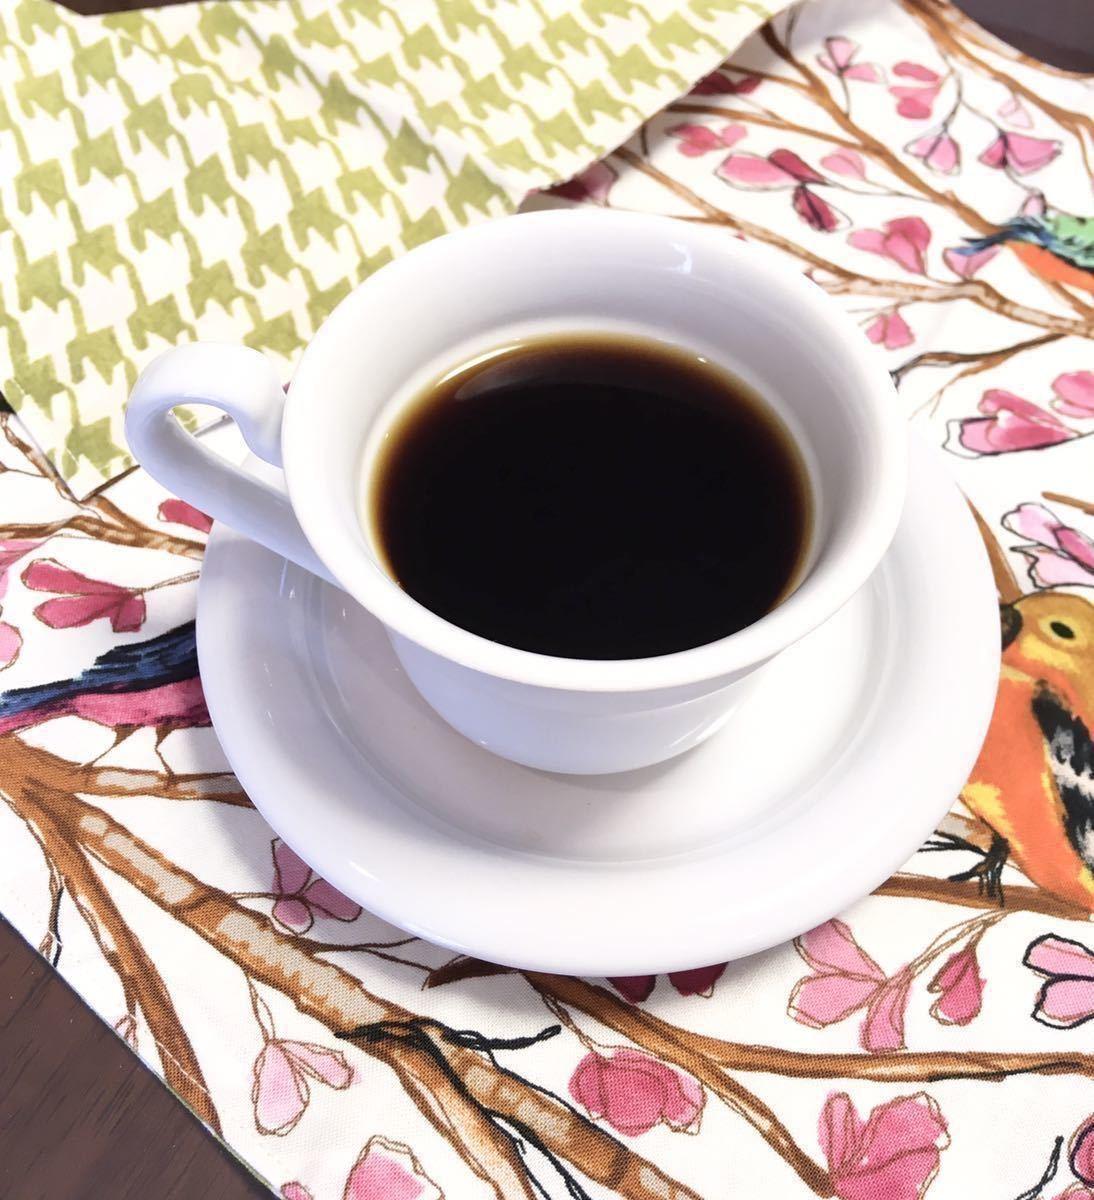 コーヒー豆 ● コロンビア・スプレモ ★200g★【 YouCoffee 】の 珈琲豆 はご注文を受けてから直火焙煎後に発送します。 だから新鮮 !_画像5